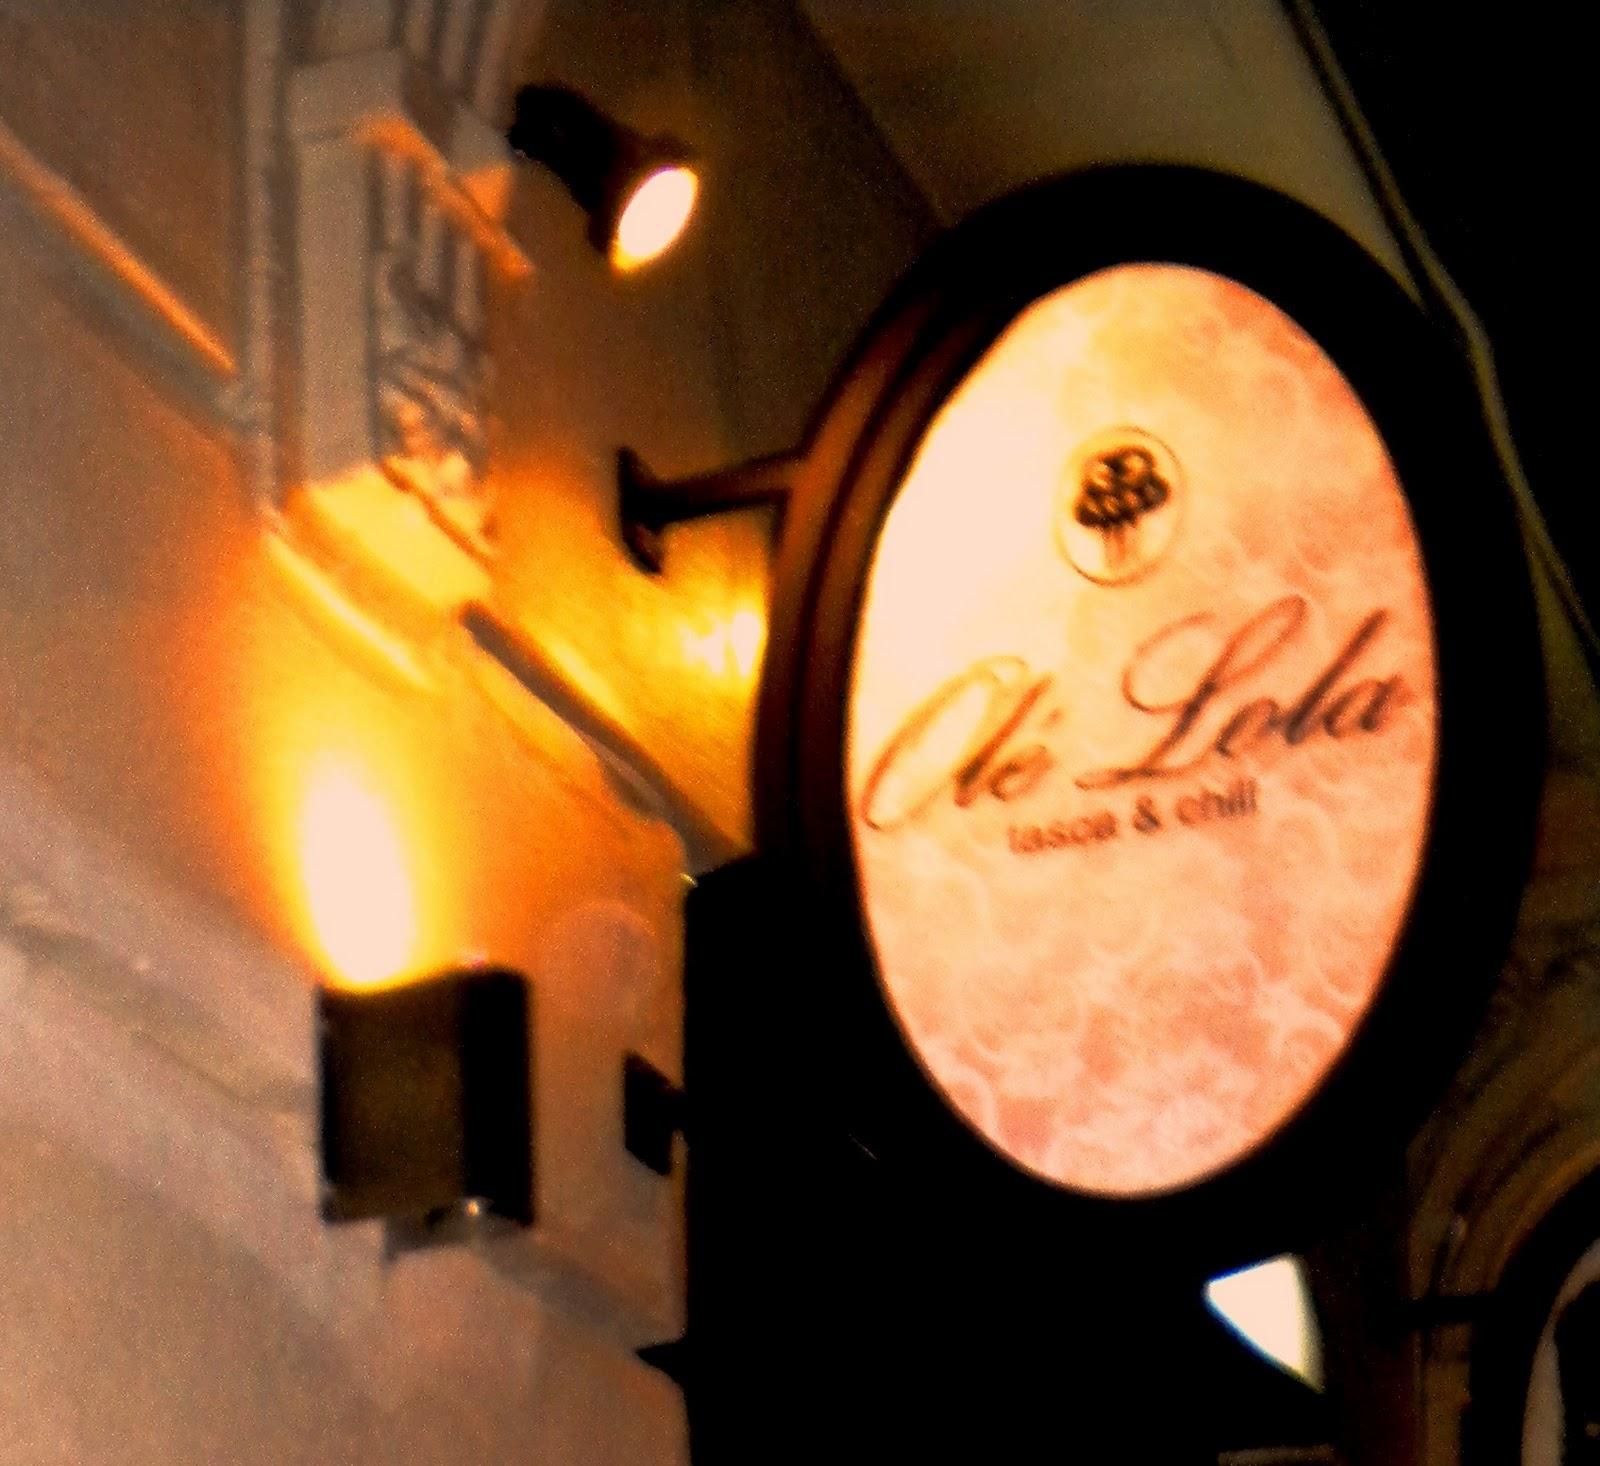 D nde est n las llaves noviembre 2011 - Ole mi lola albacete ...